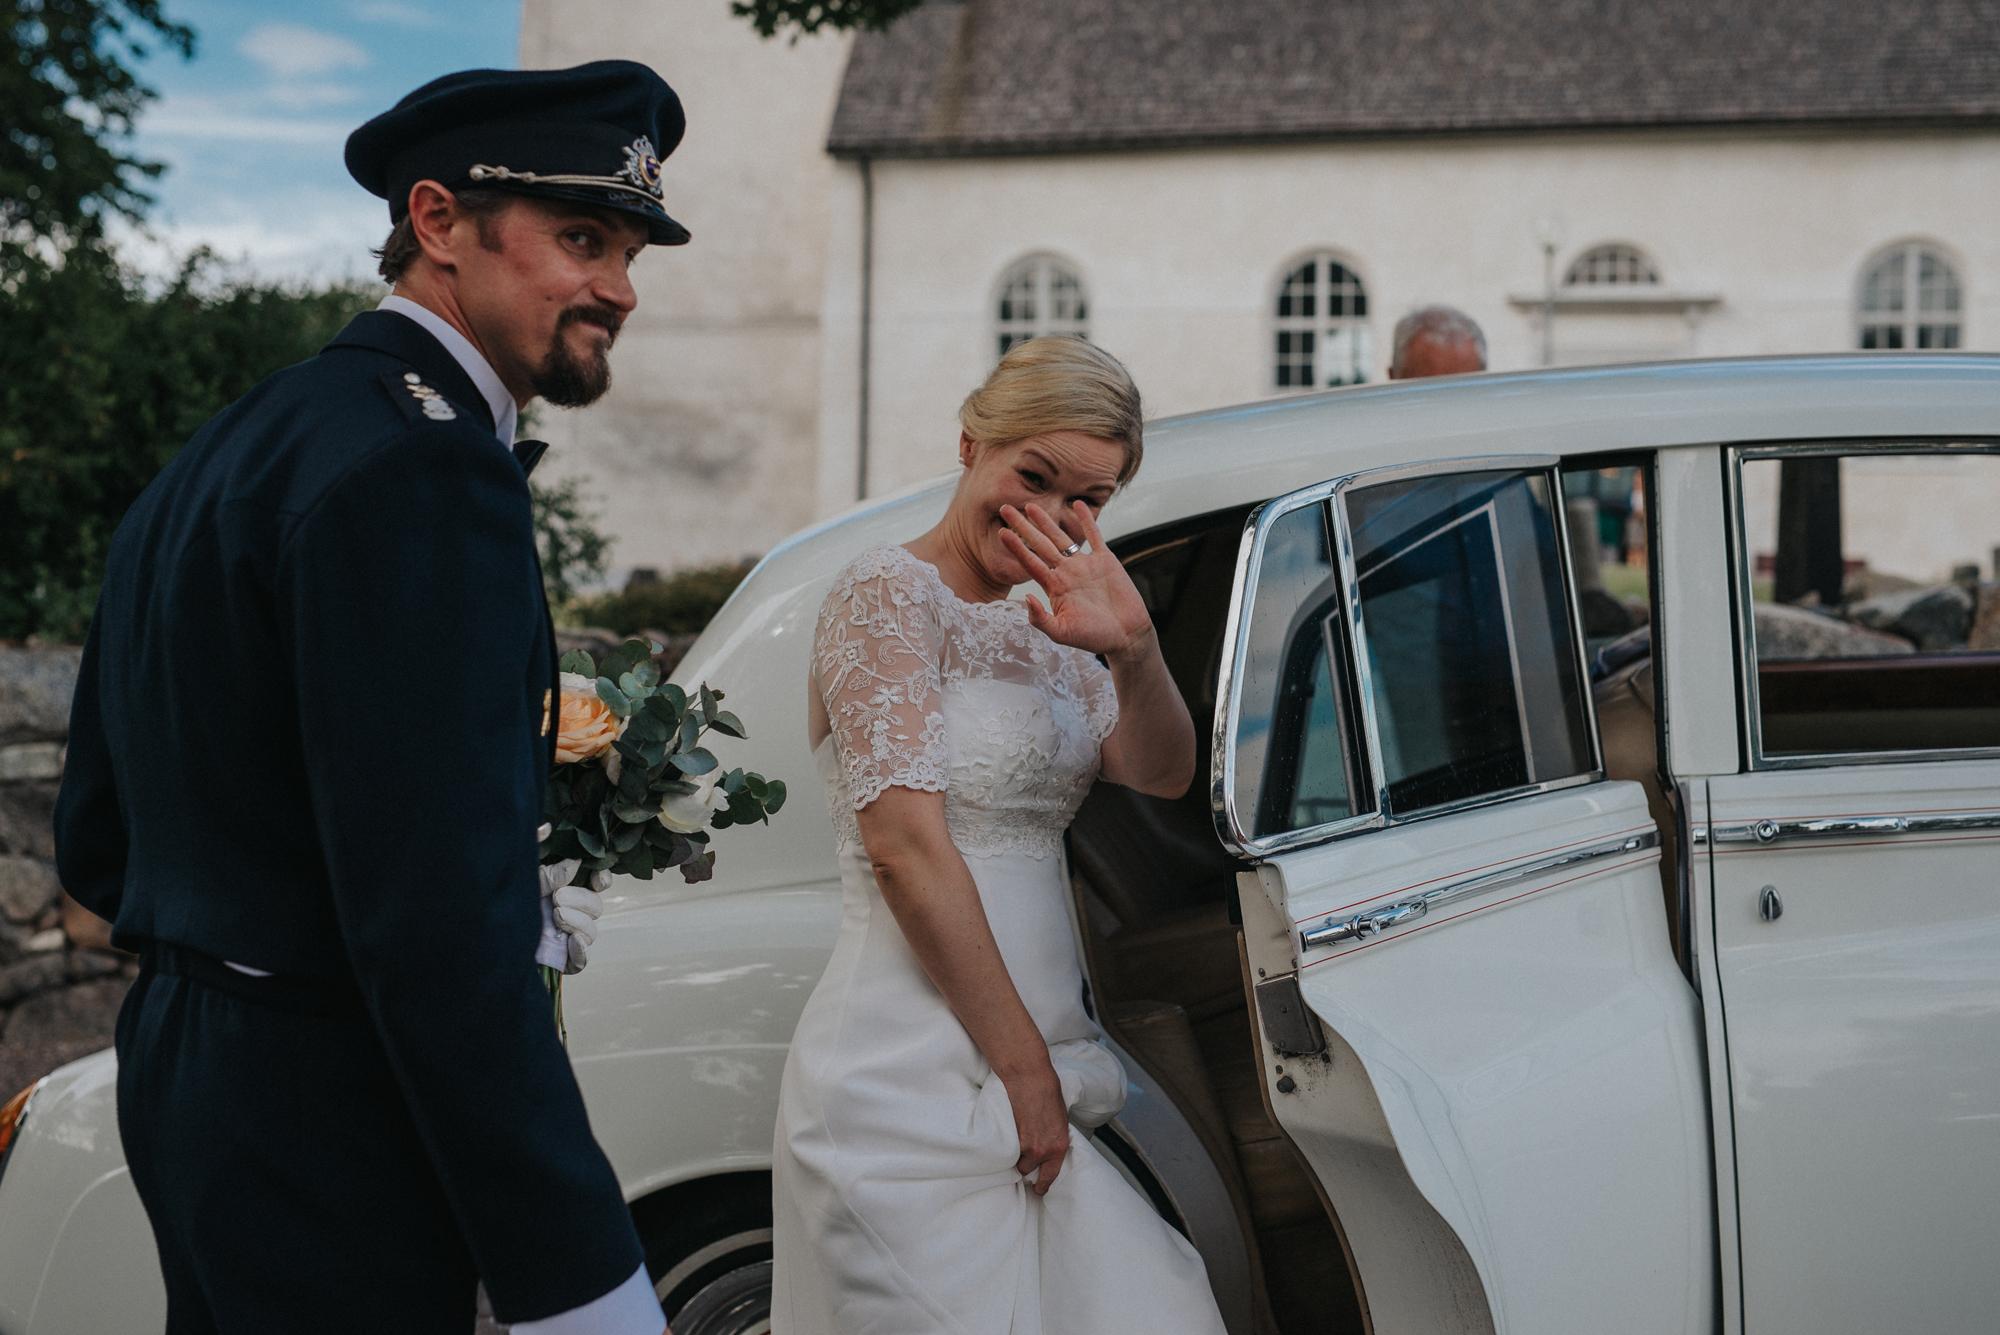 046-bröllopsfotograf-vassunda-knivsta-neas-fotografi.jpg